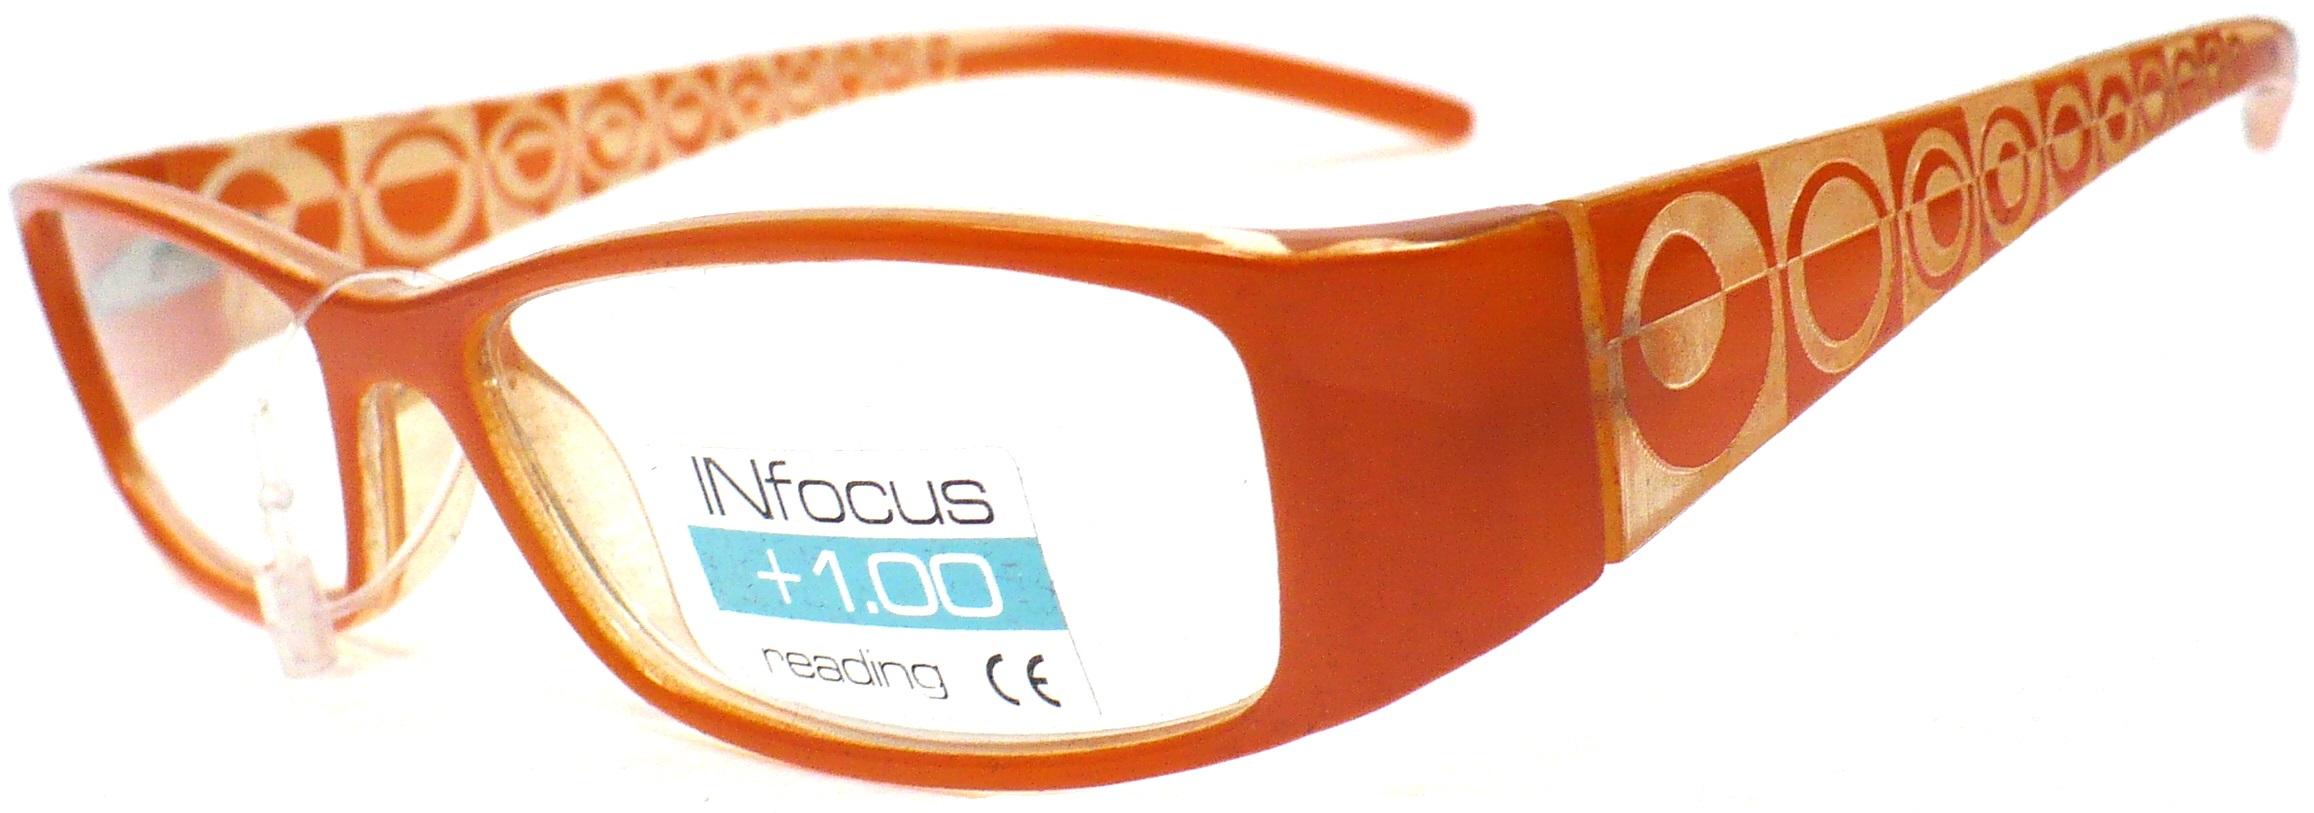 Berkeley Čtecí dioptrické brýle +1,0 oranžové 1 kus R7603 PD62